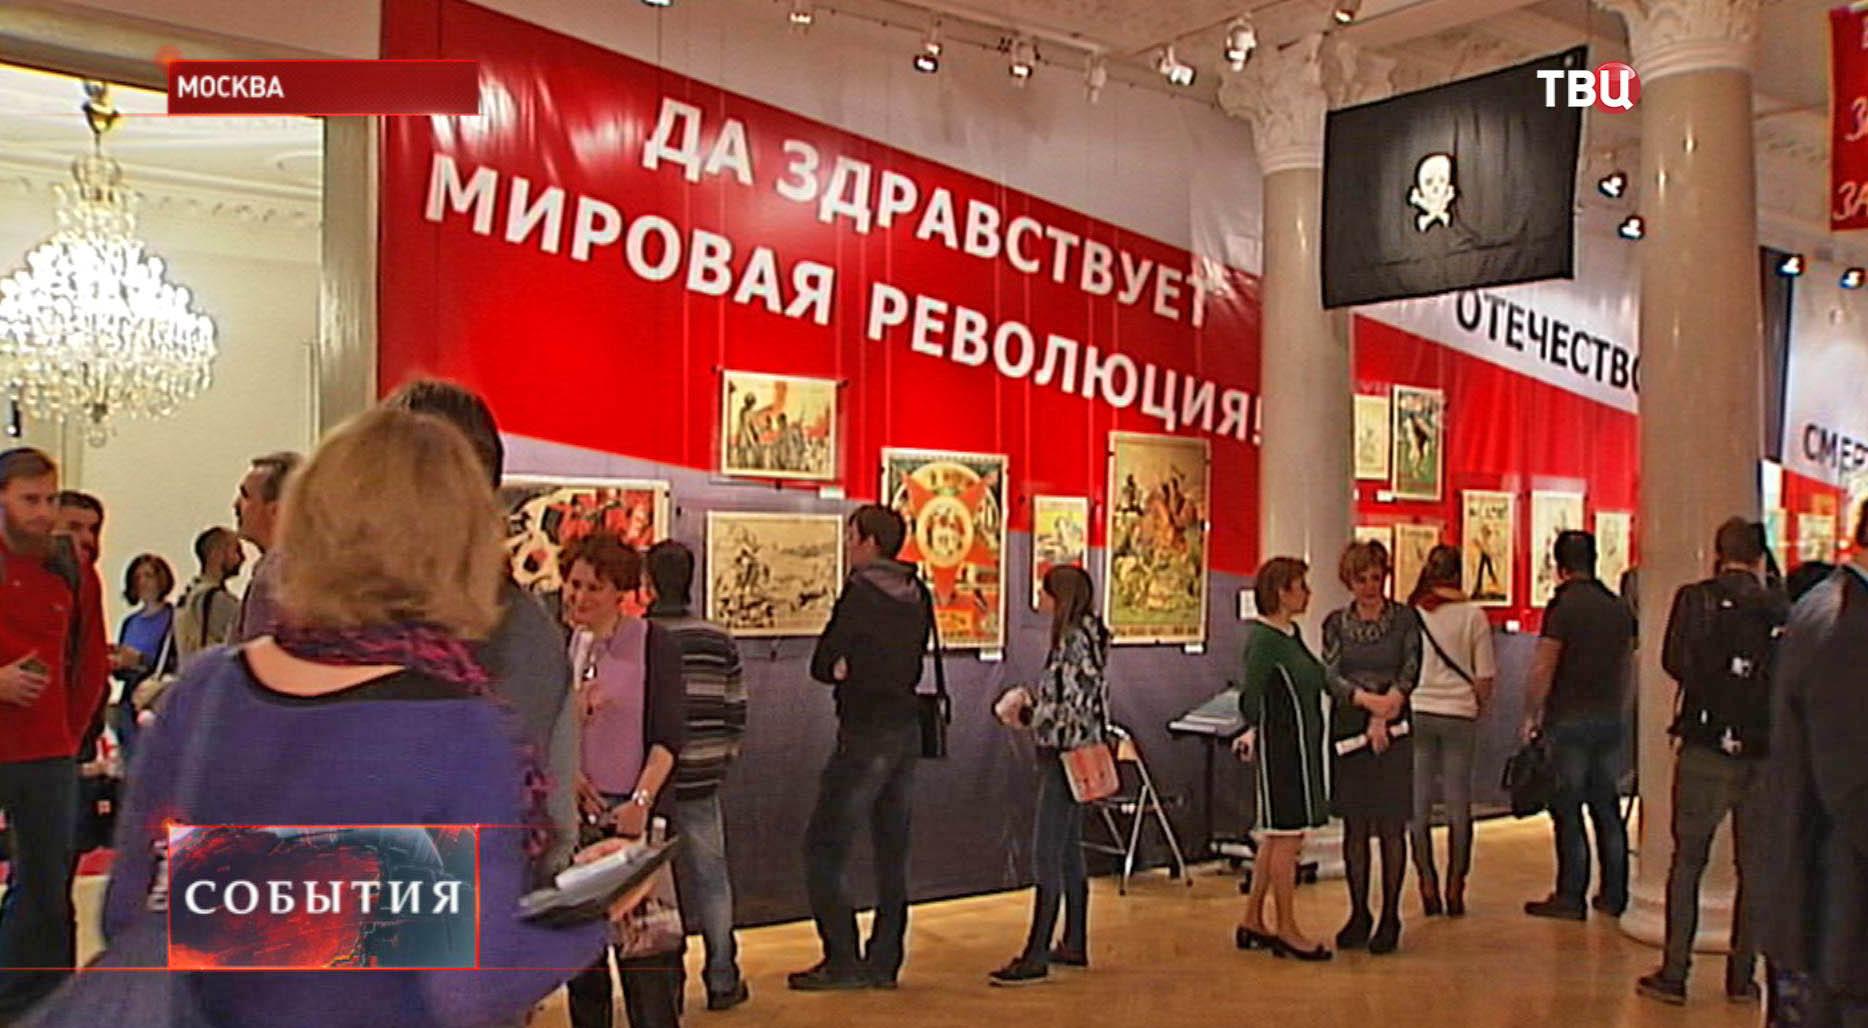 Выставка агитационного плаката